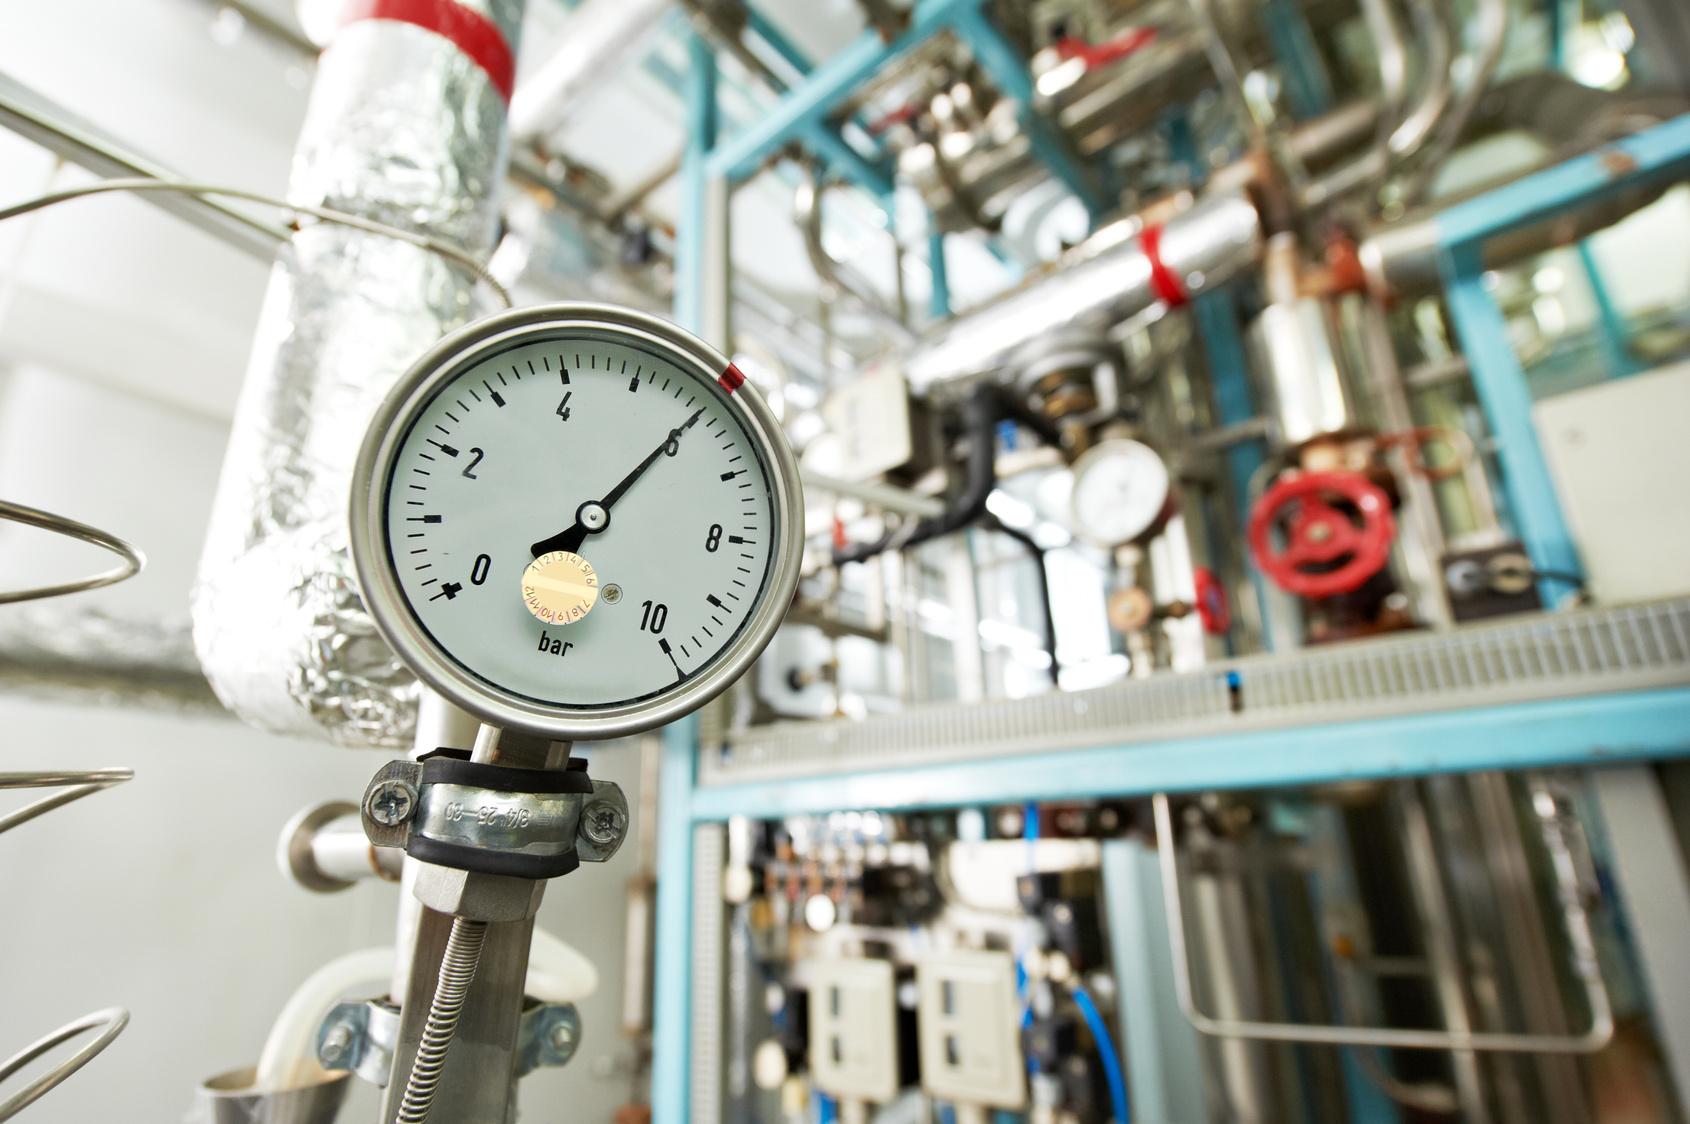 curso técnico em sistemas a gás central pronateccurso técnico em sistemas a gás